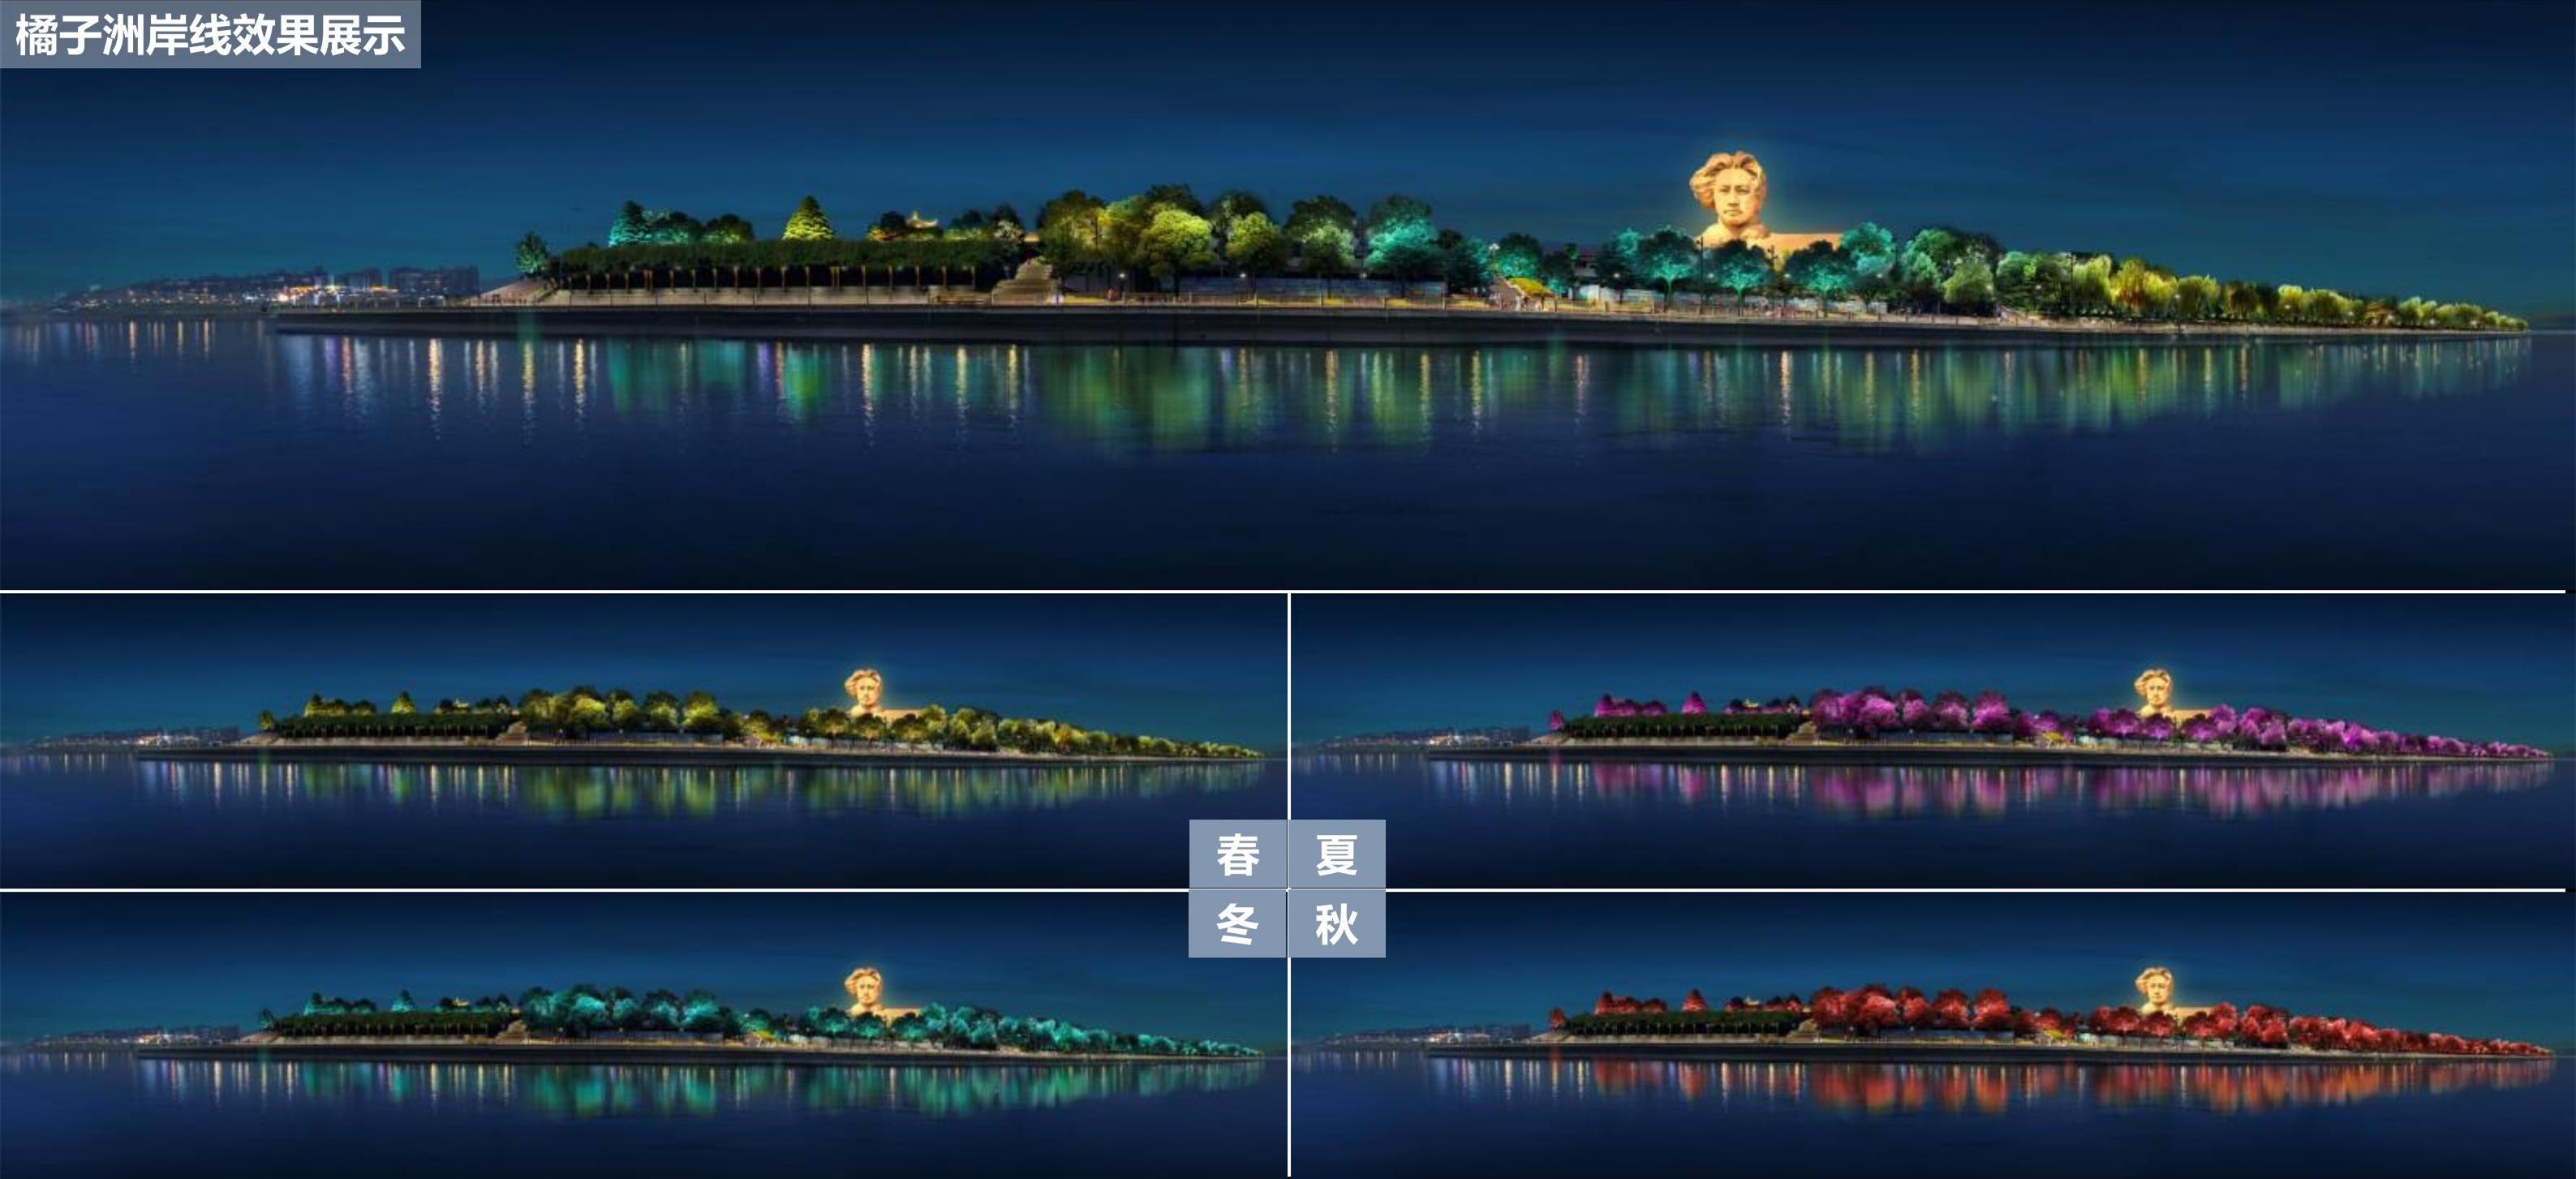 橘子洲将实现灯光色调随季节变化而变化,并打造声光电一体化情境交融的夜游网红打卡主题场景。